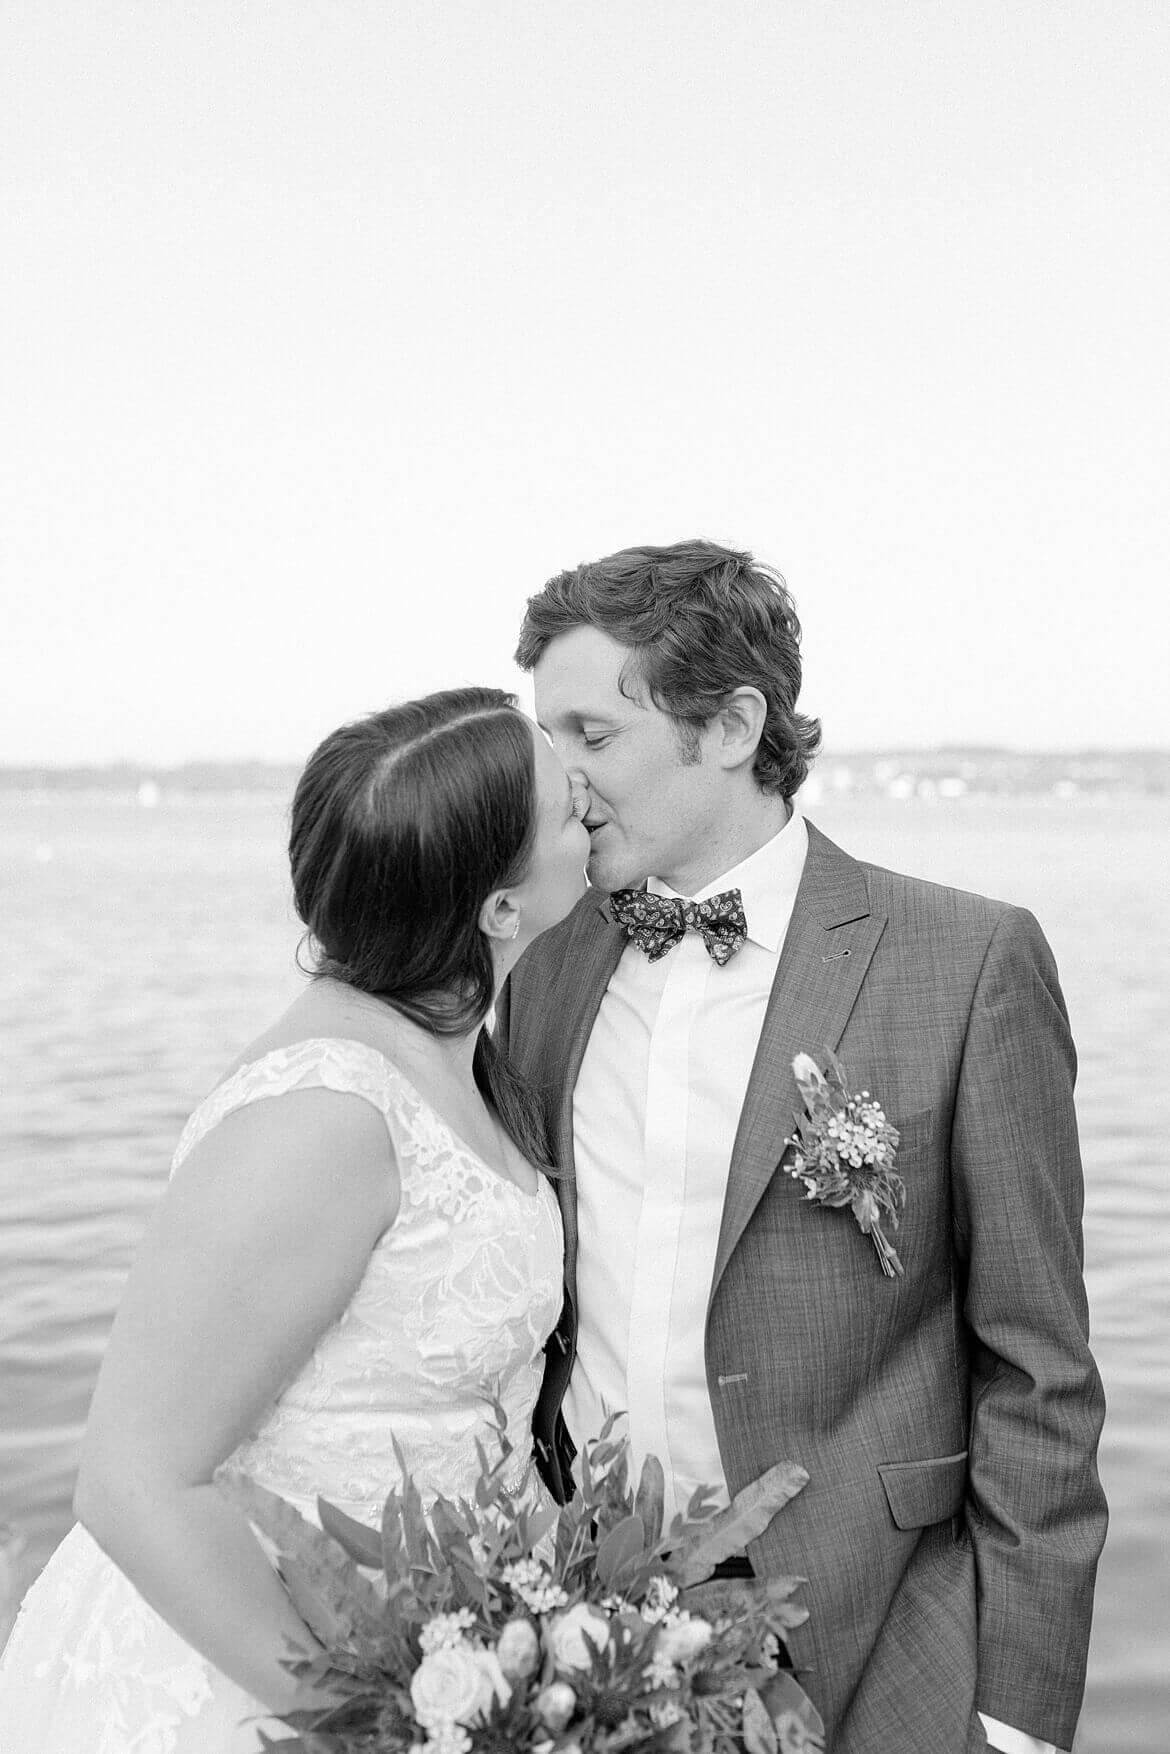 Schwarz Weiß Foto von küssendem Brautpaar